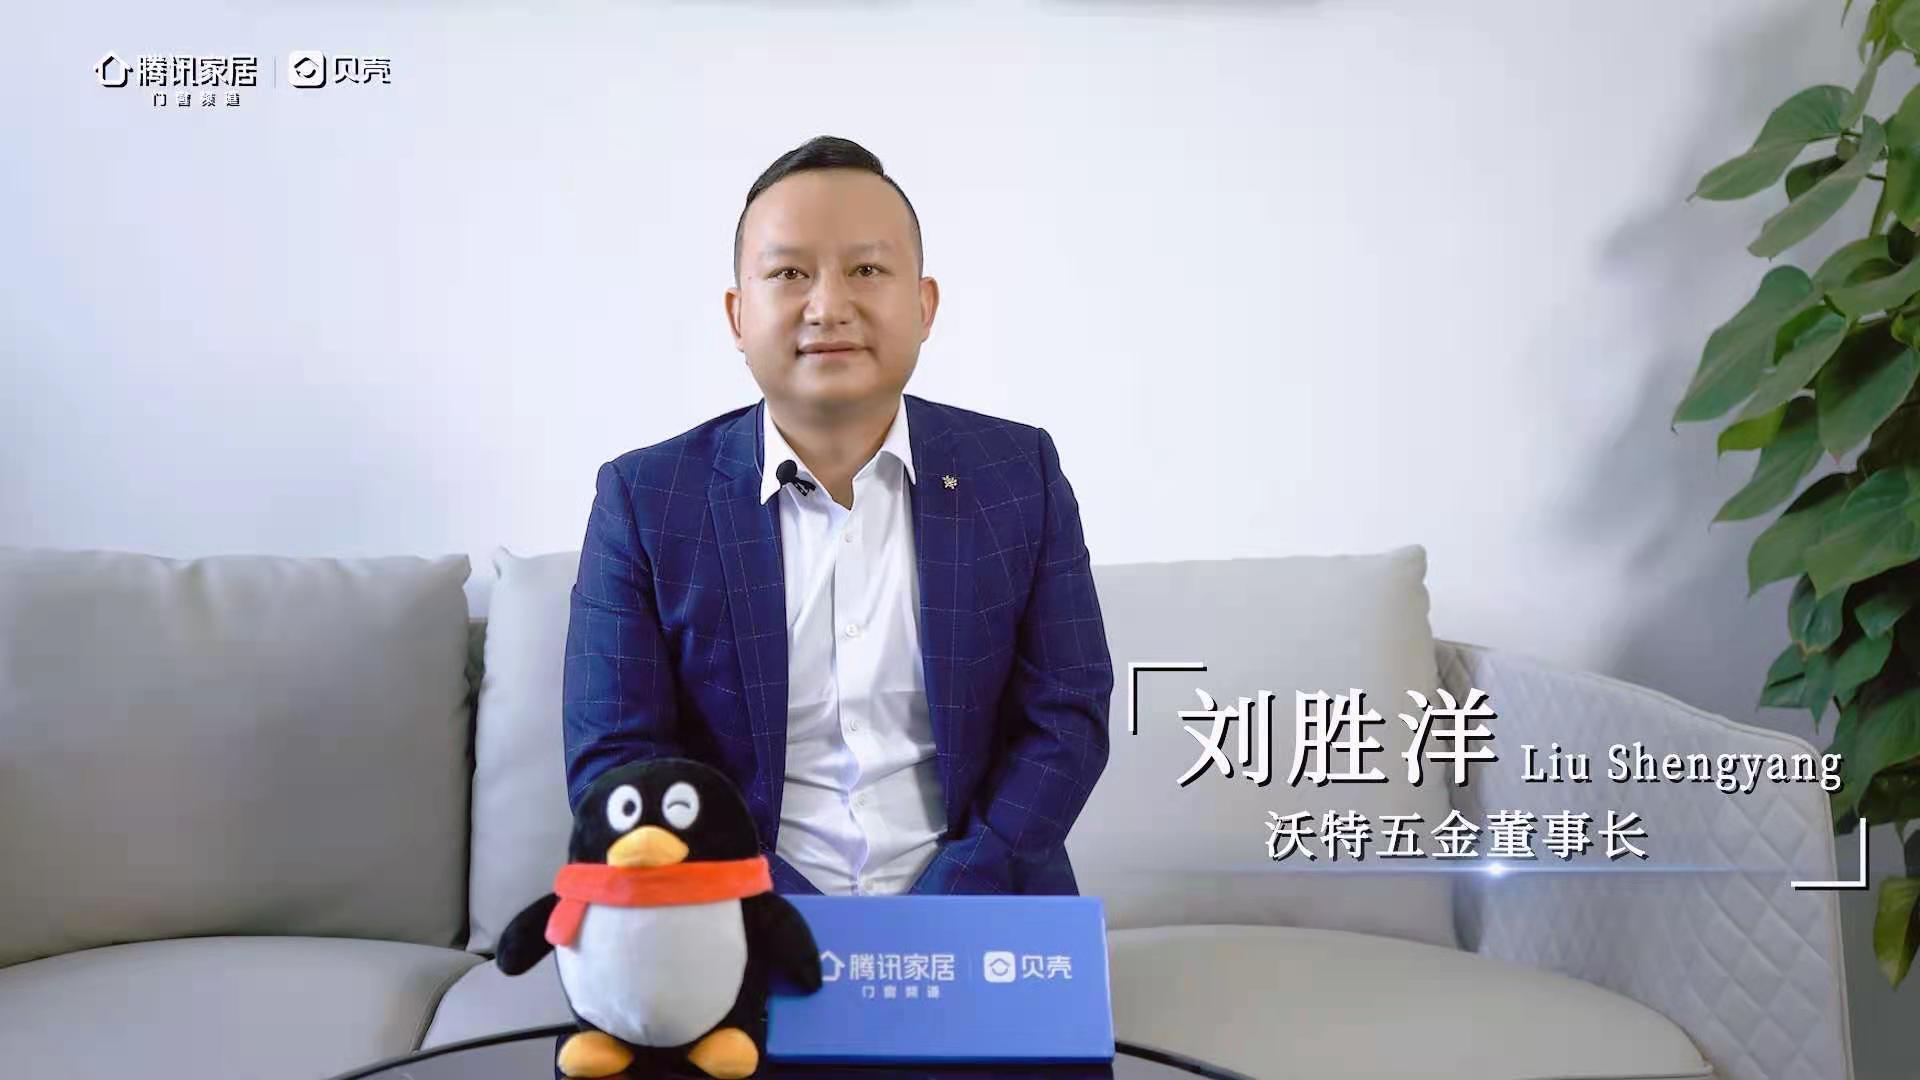 沃特五金董事长刘胜洋:用心做好产品,就是最好的战略规划